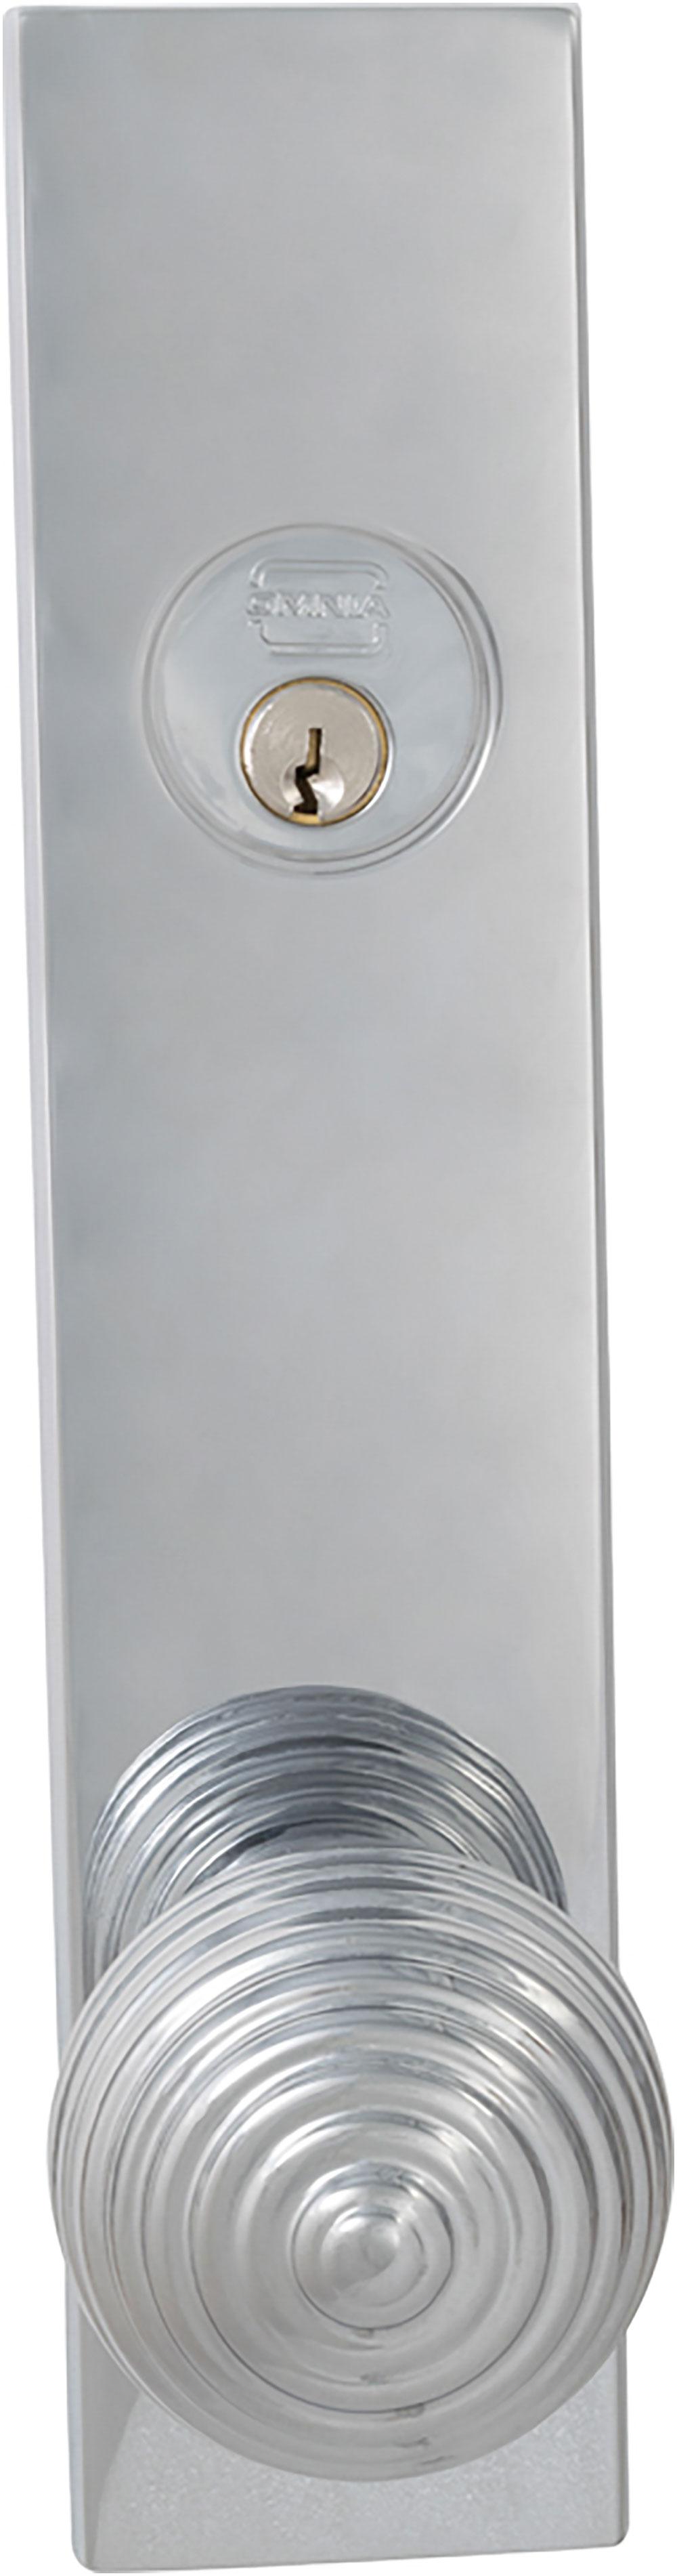 Item No.D12415 (US26 Polished Chrome Plated)